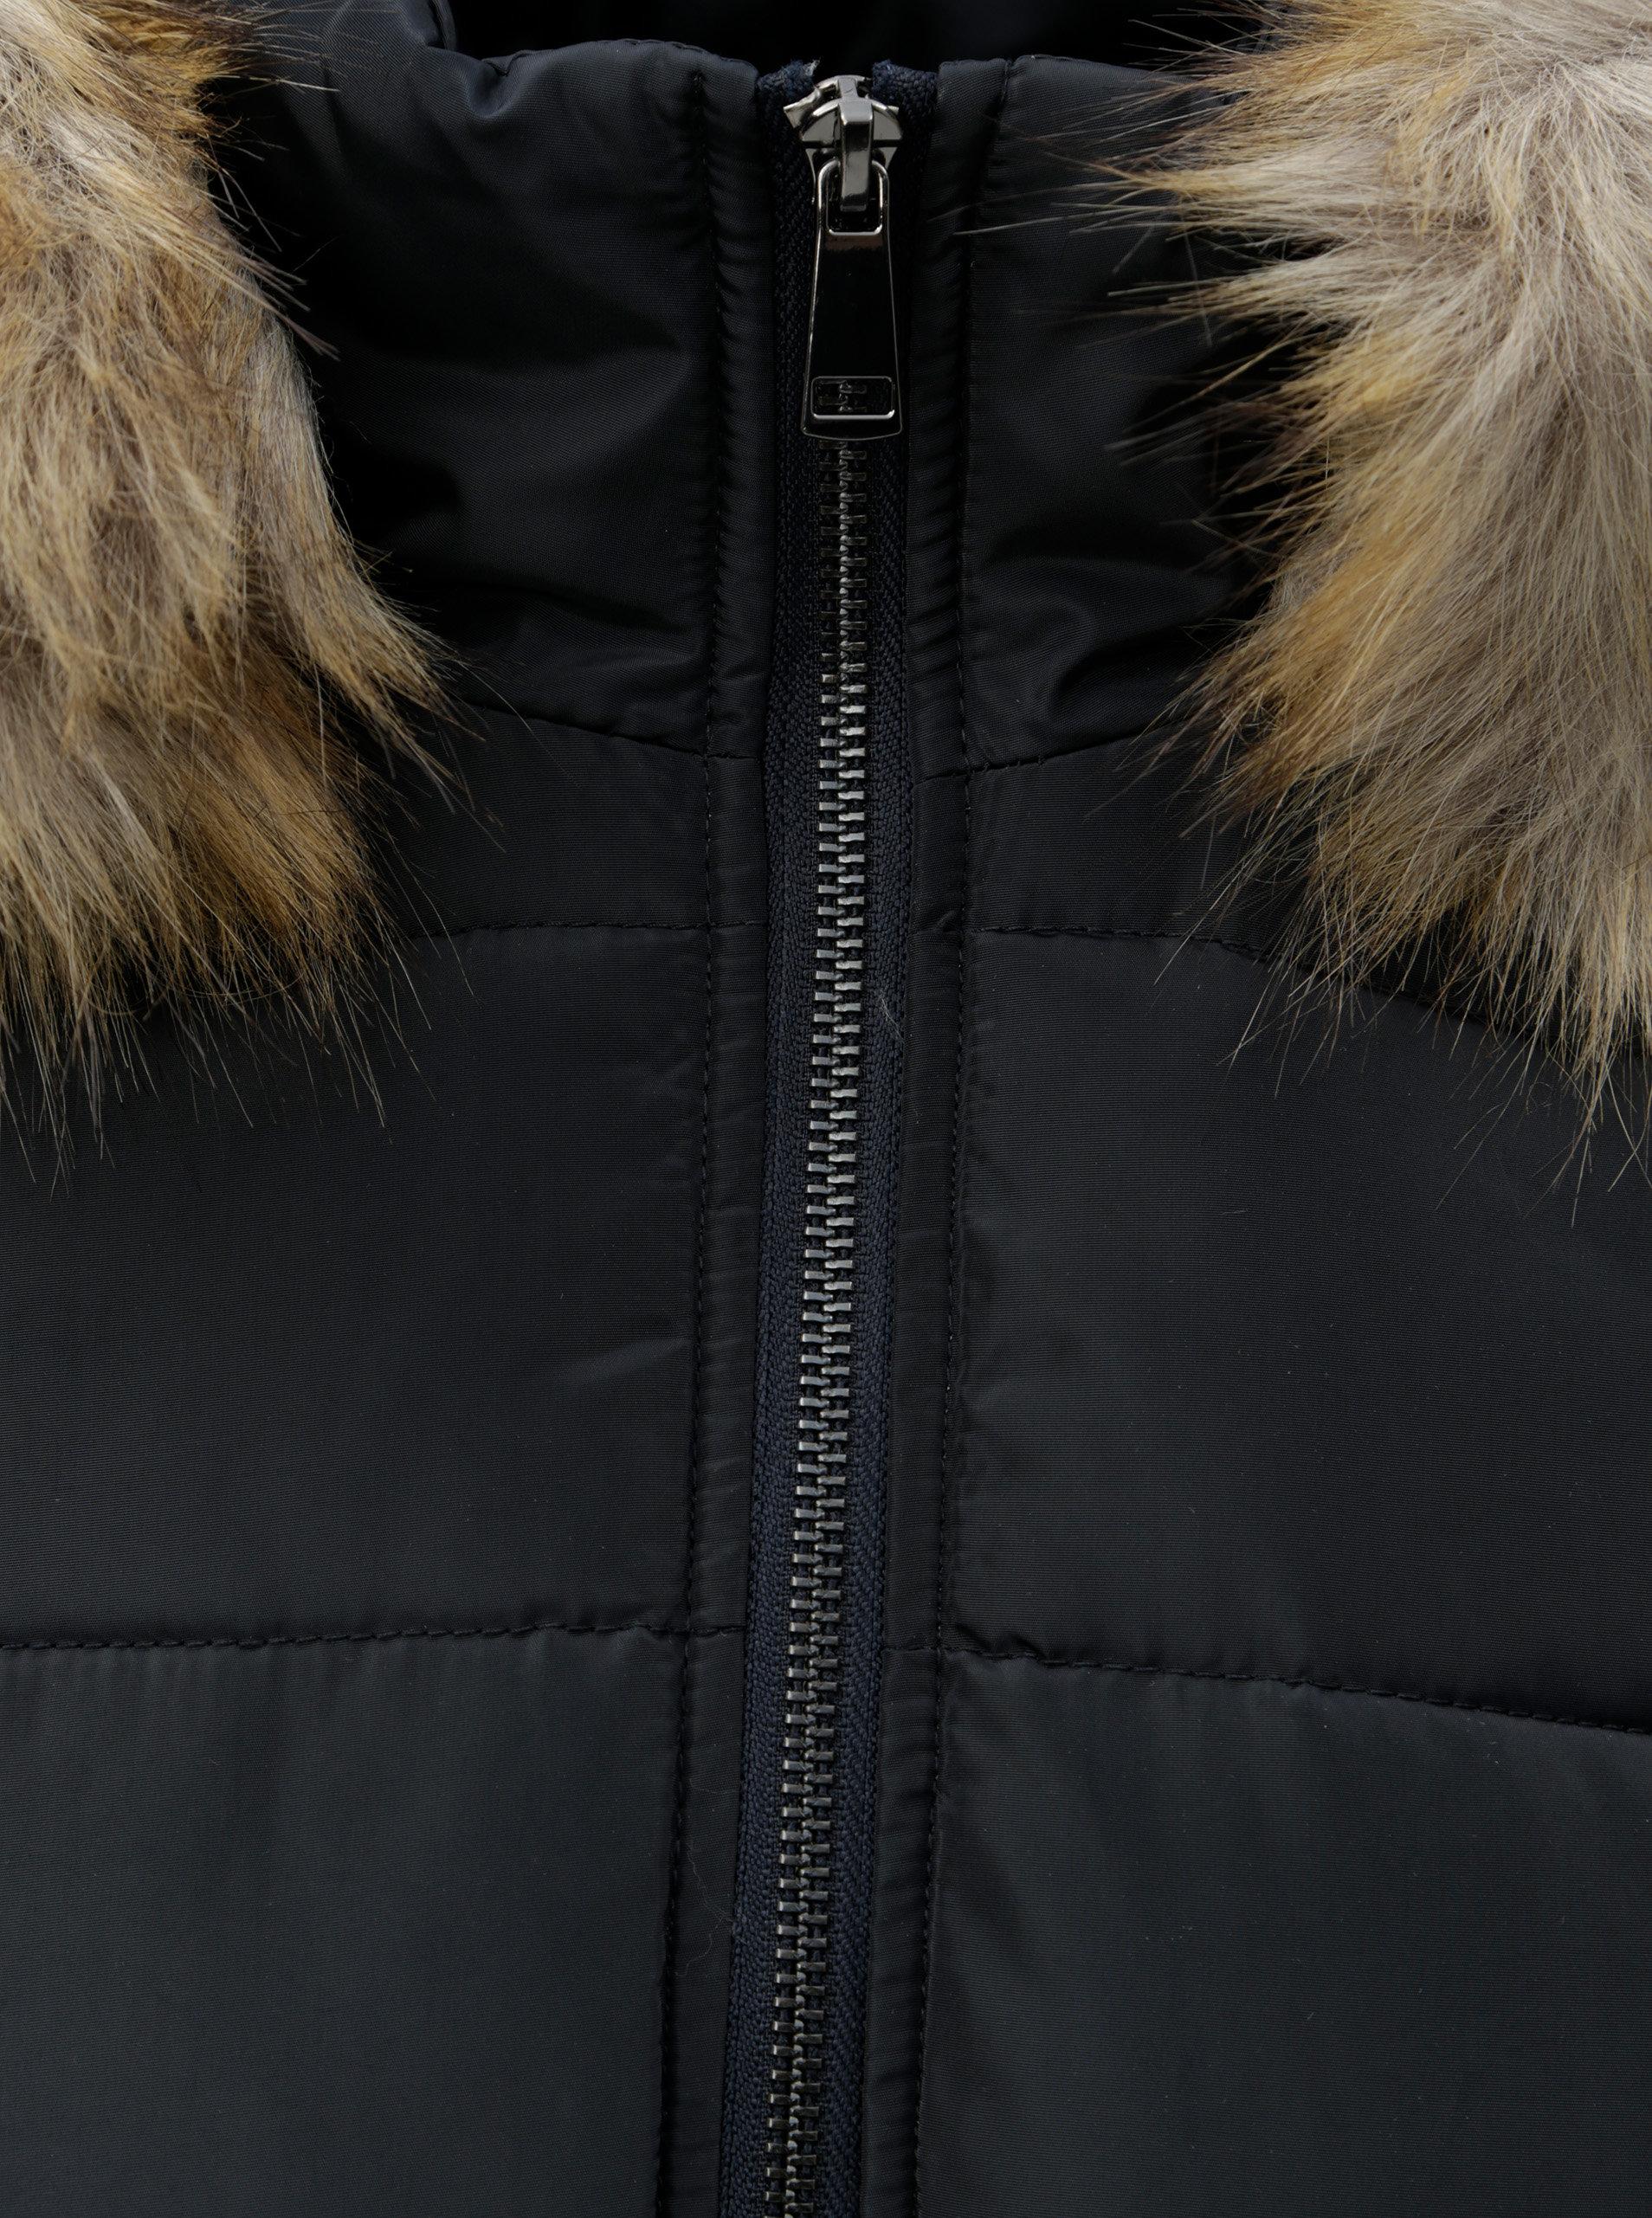 Tmavomodrý prešívaný zimný kabát s odnímateľnou kožušinkou na kapucni  Dorothy Perkins ... 865c7a7a463